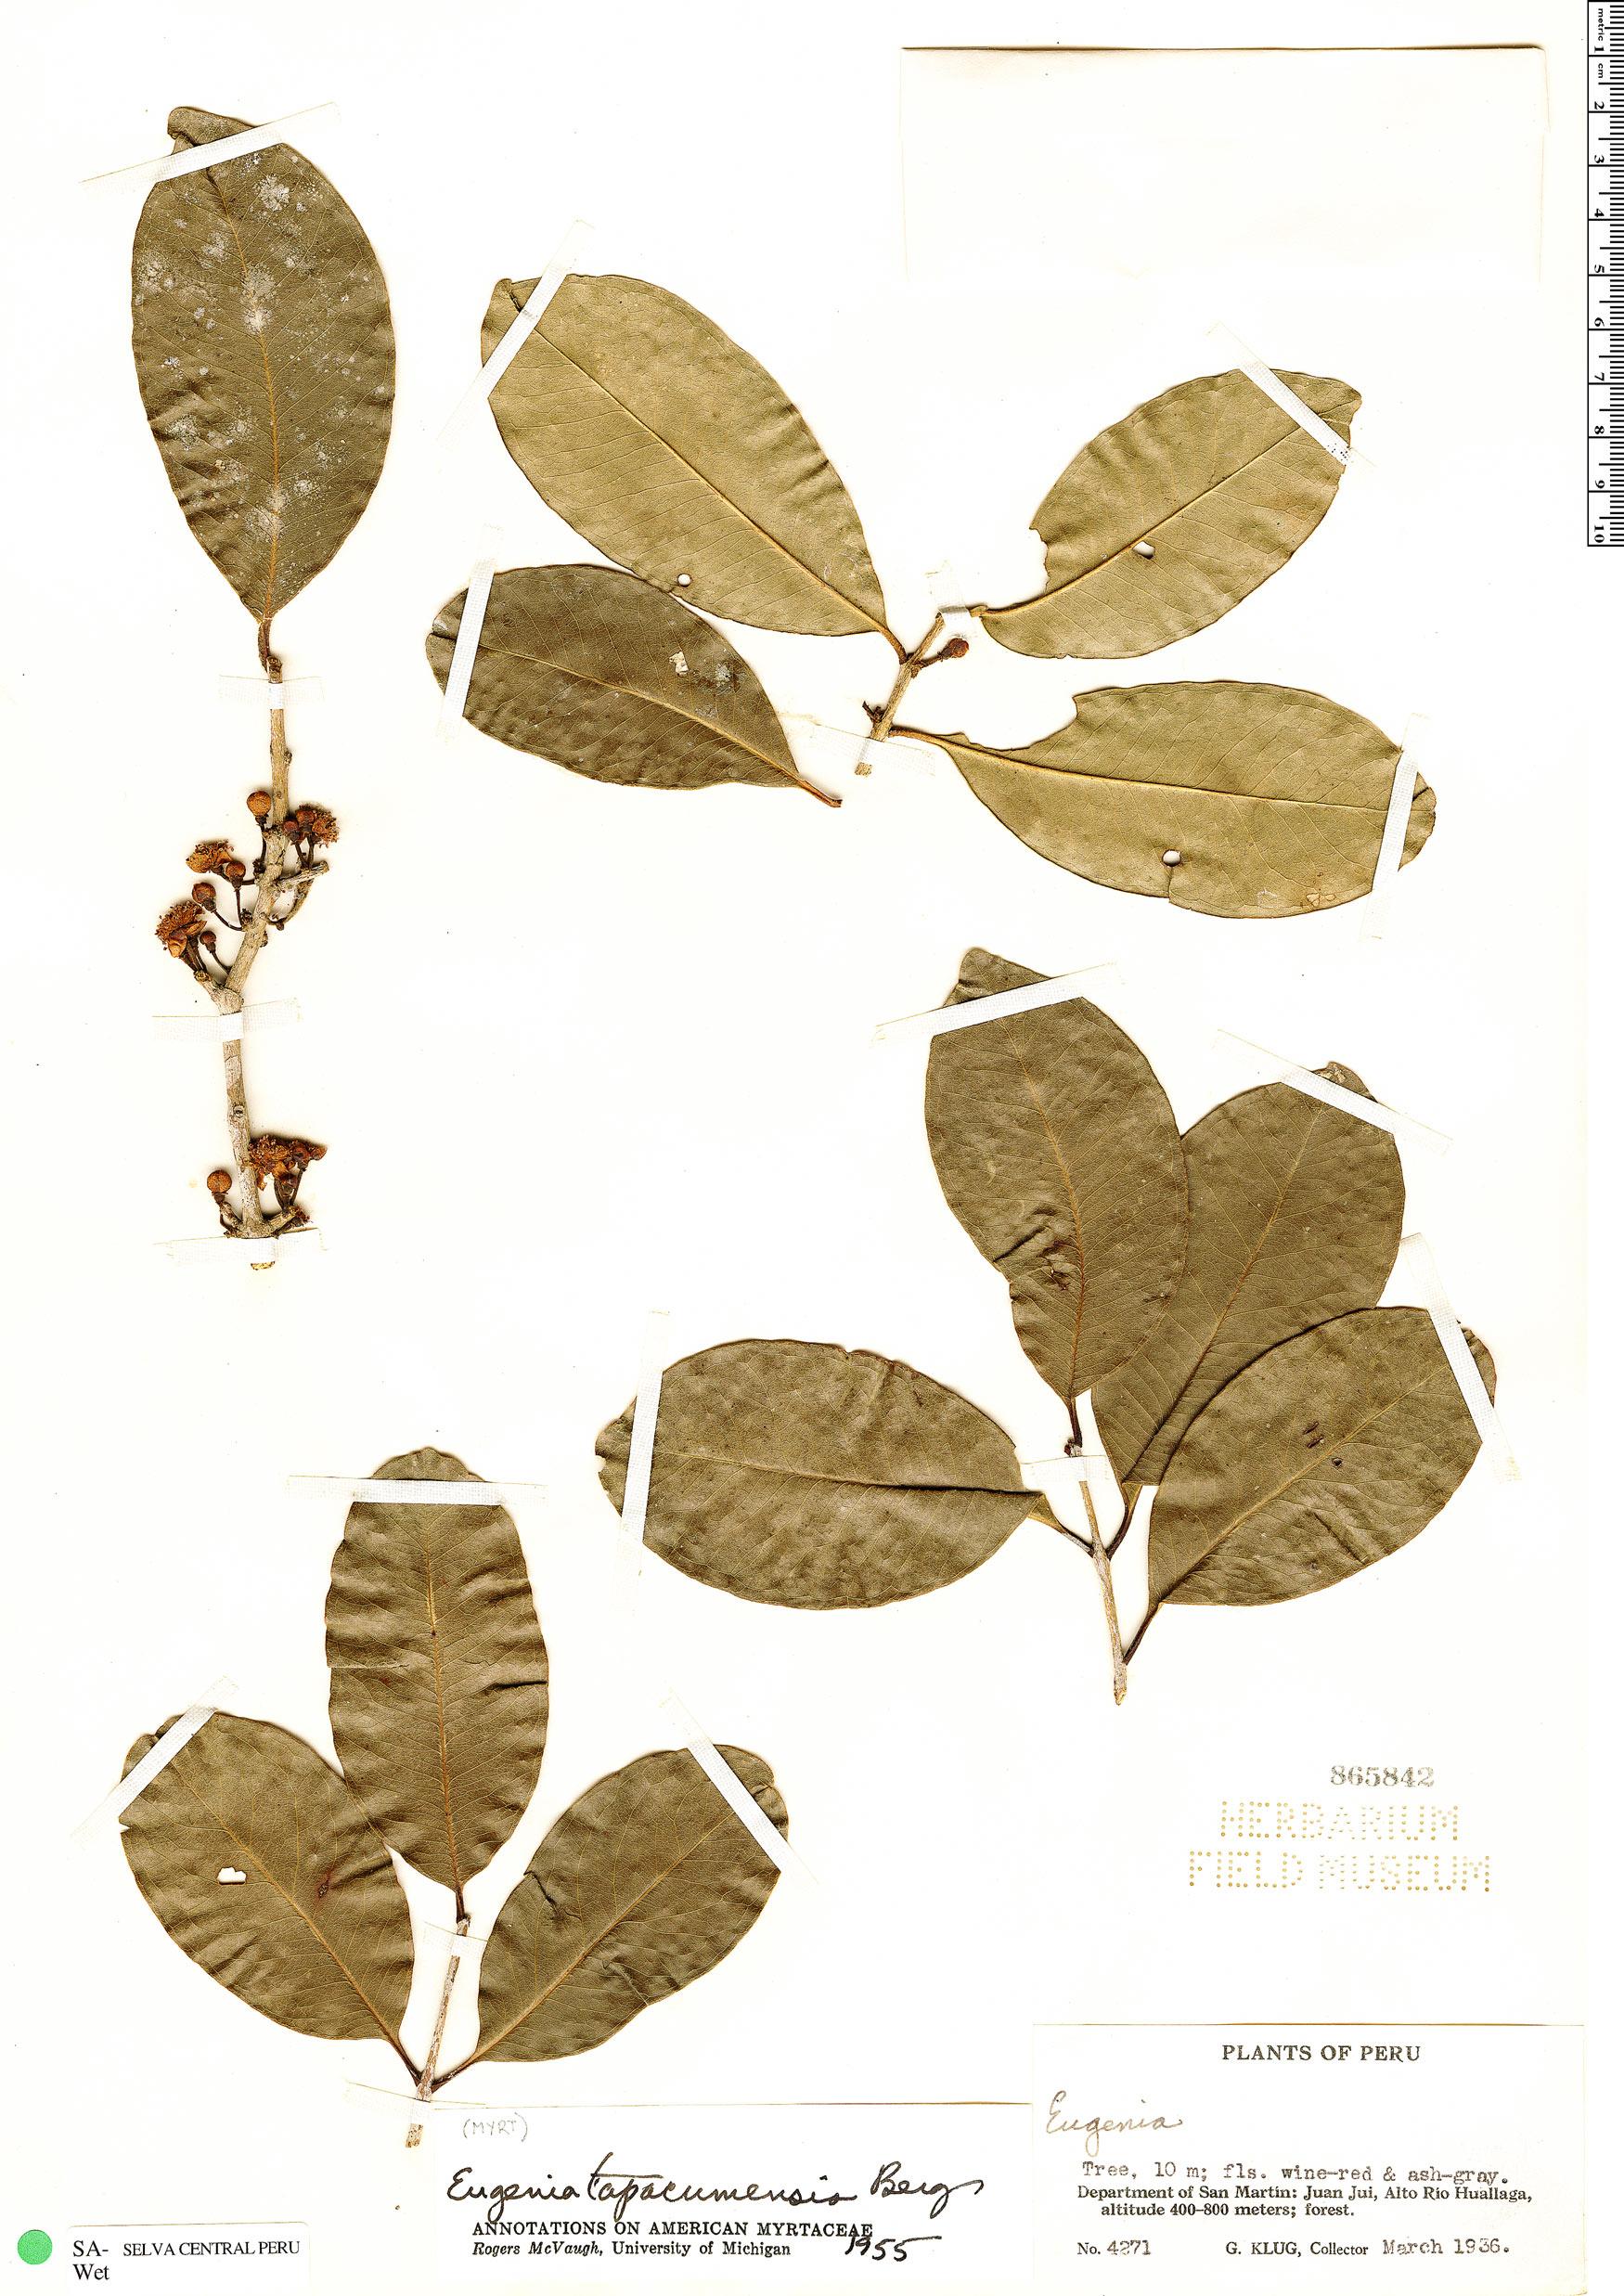 Specimen: Eugenia tapacumensis